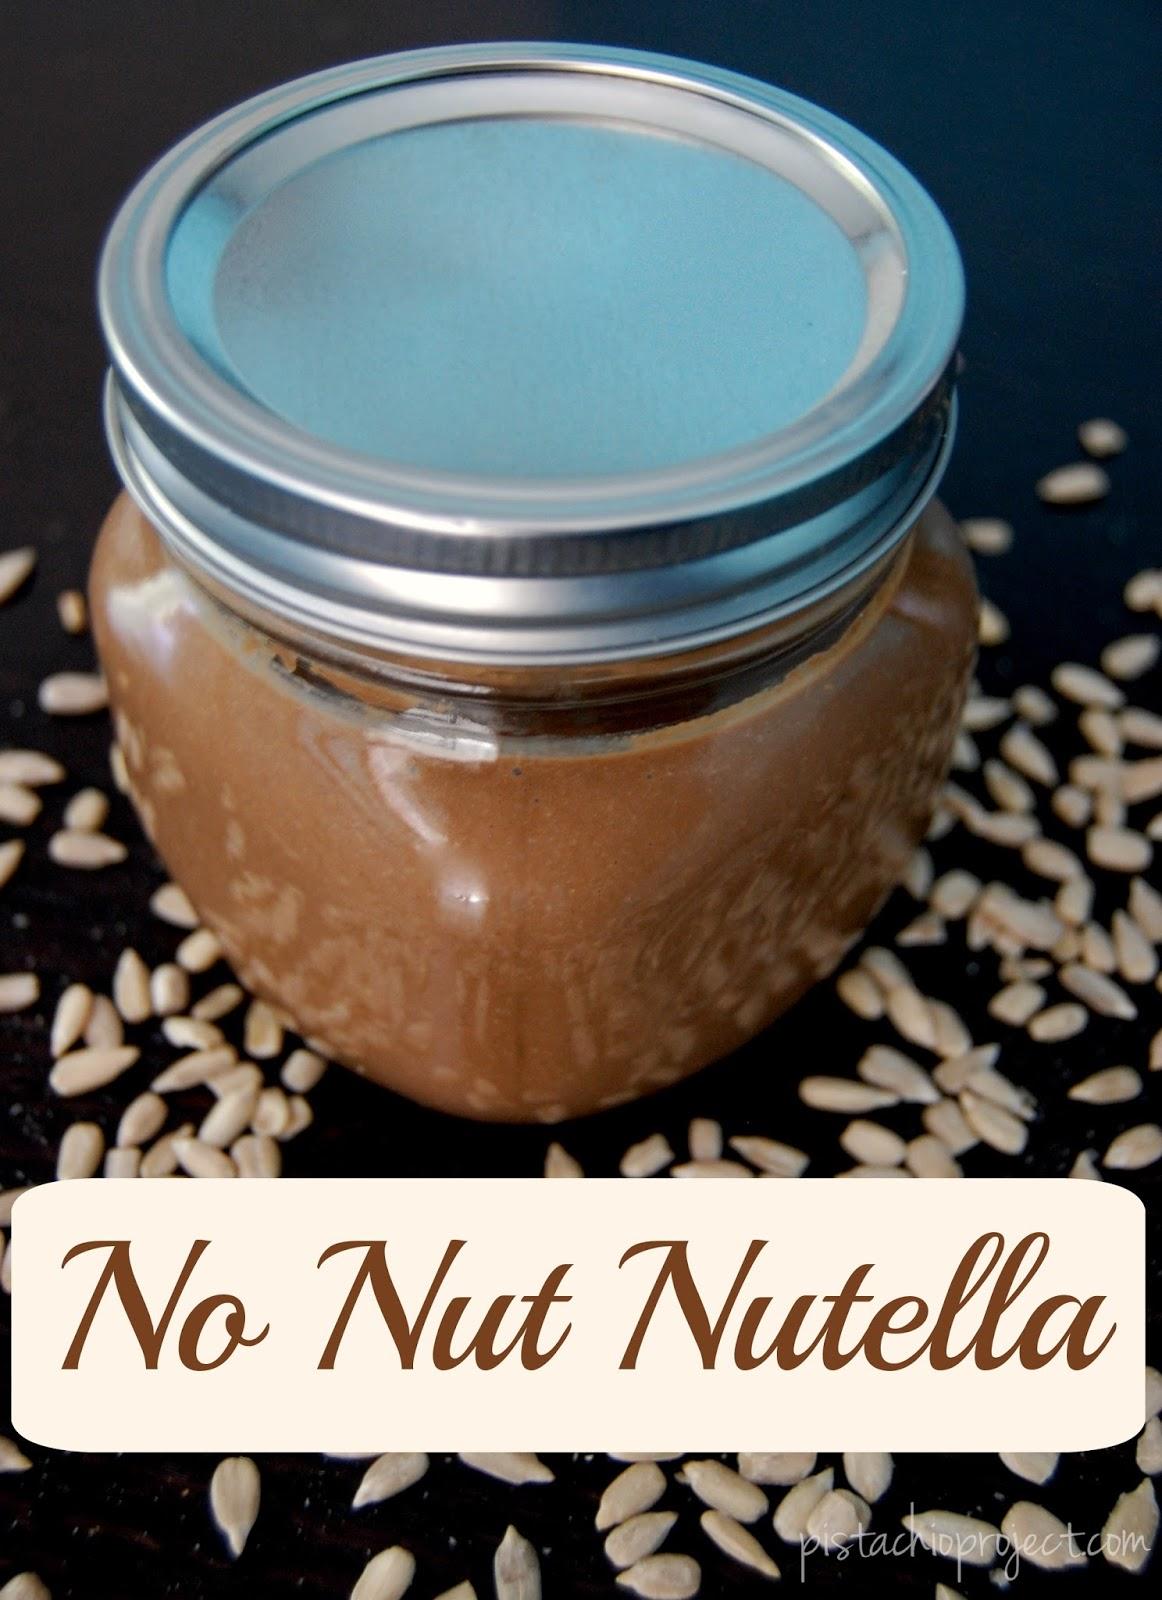 No Nut Nutella